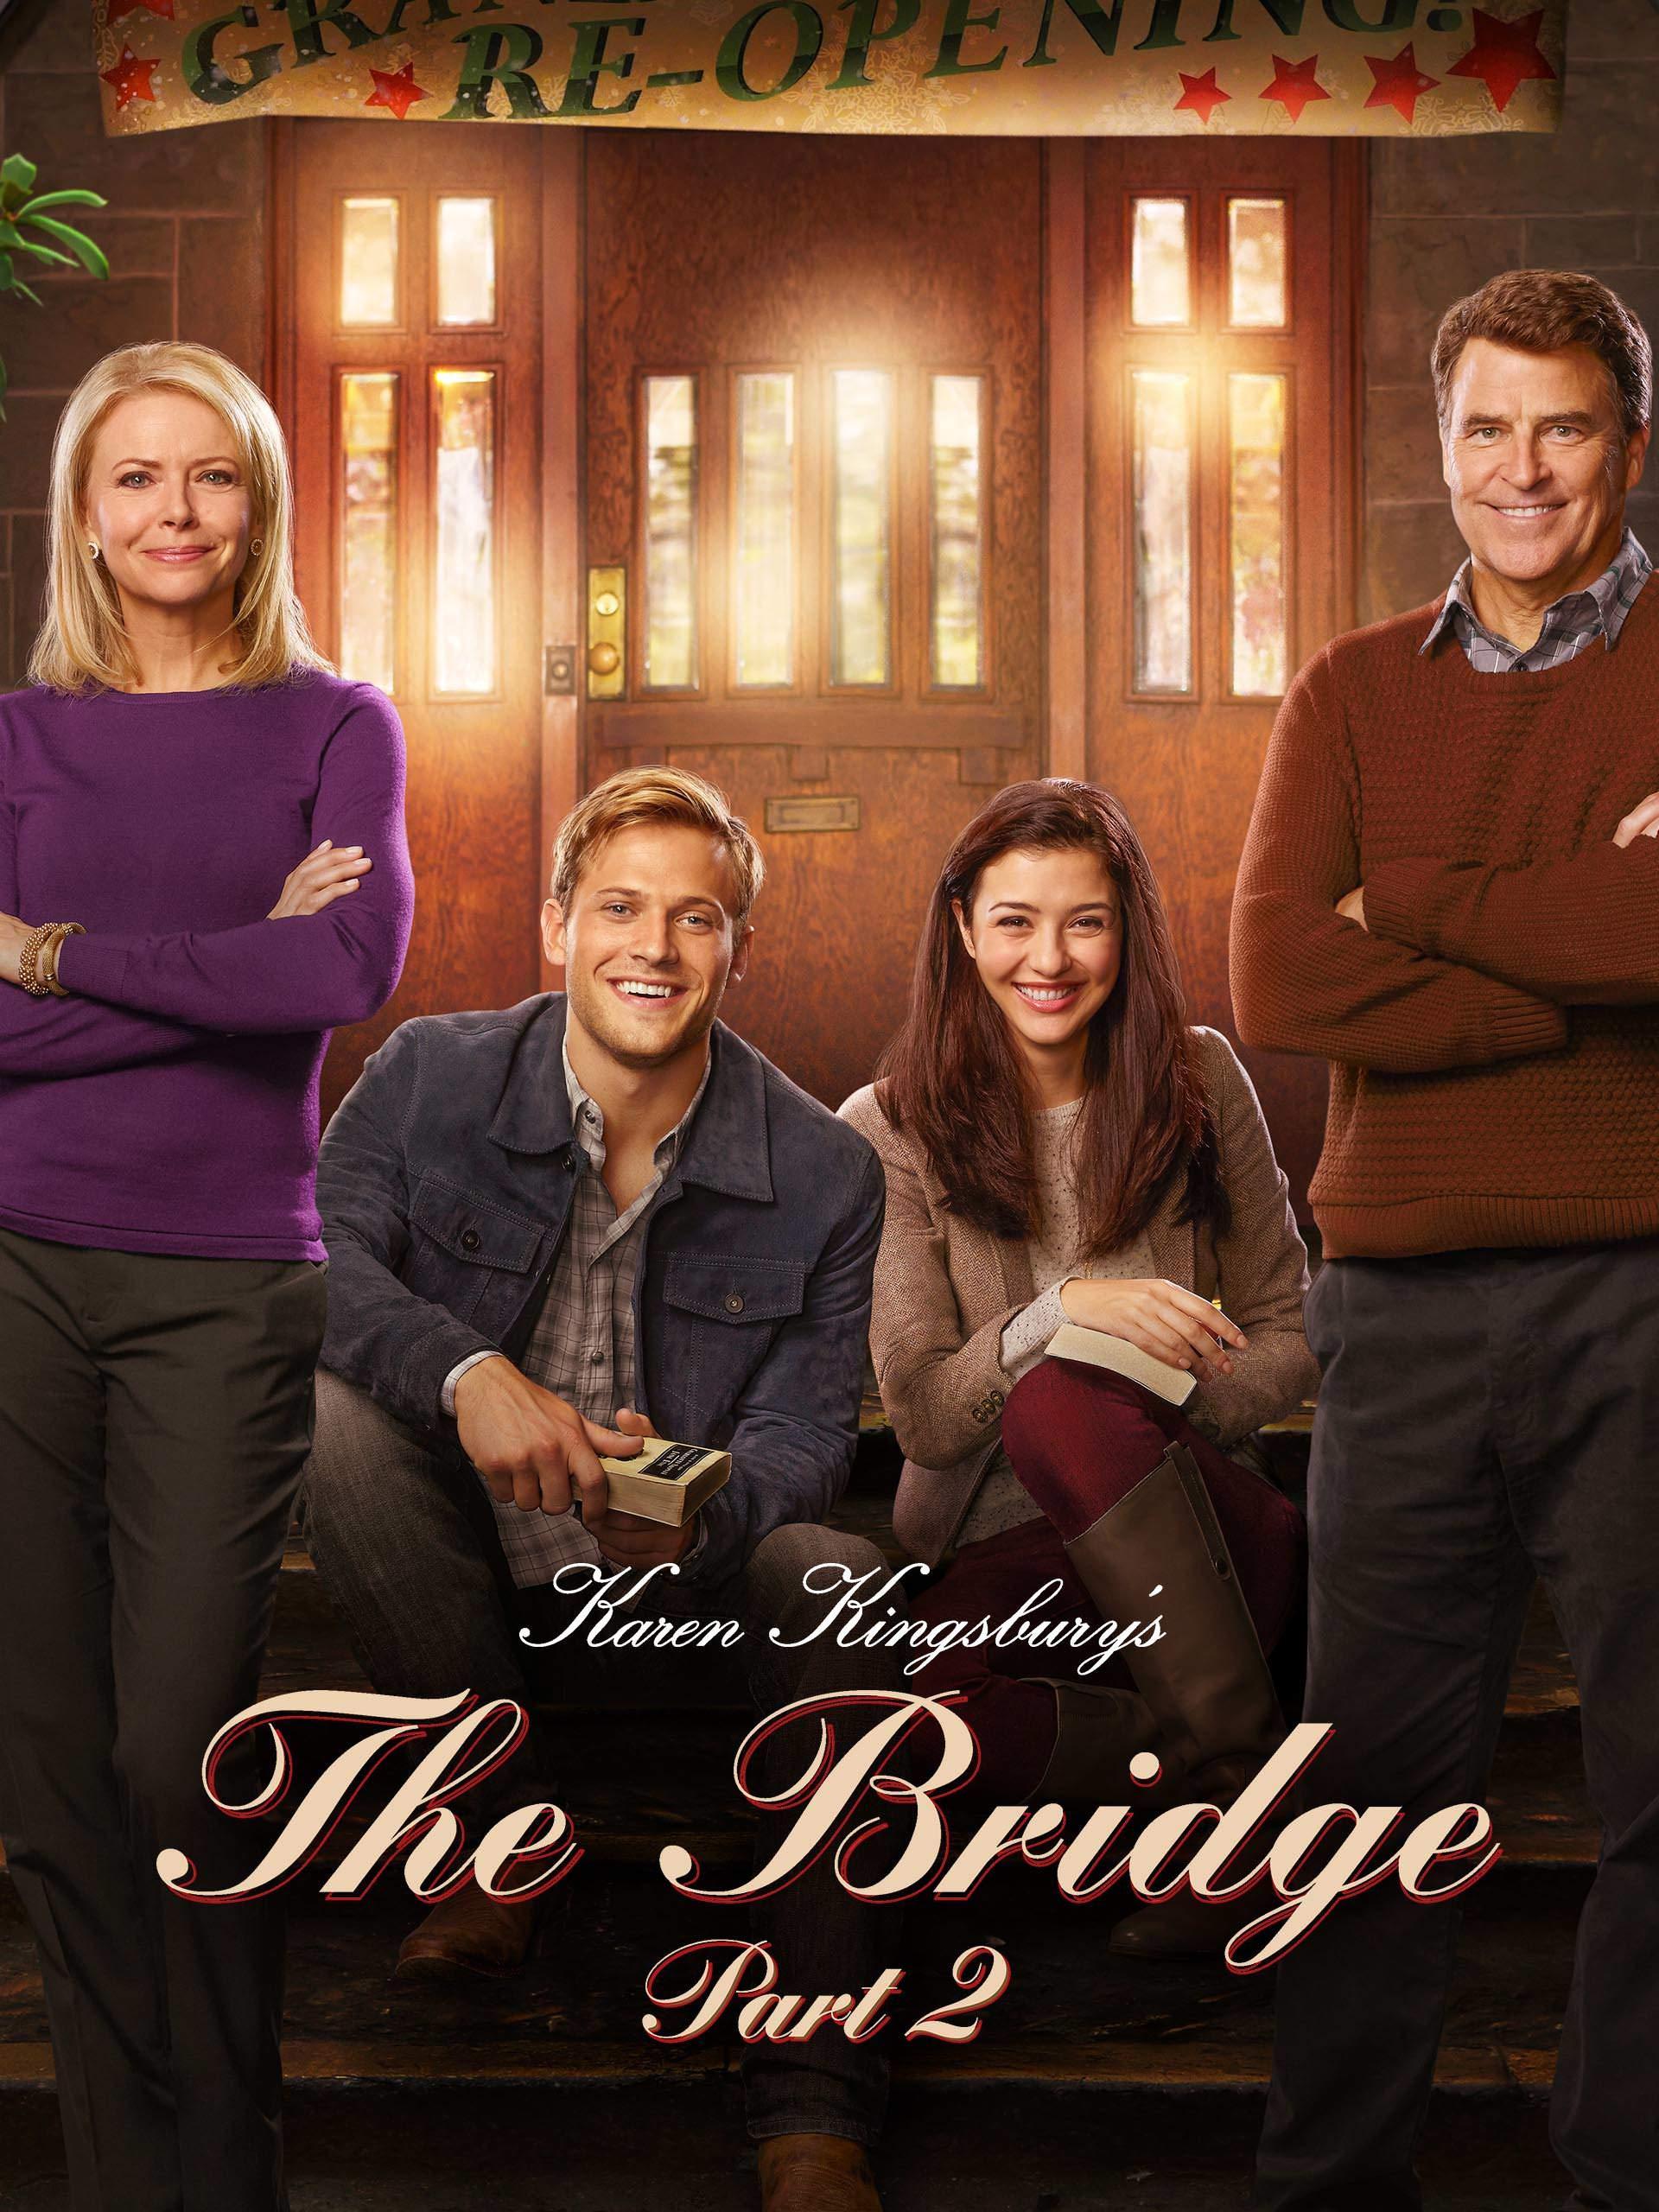 karen kingsburys the bridge part 2 watch online free